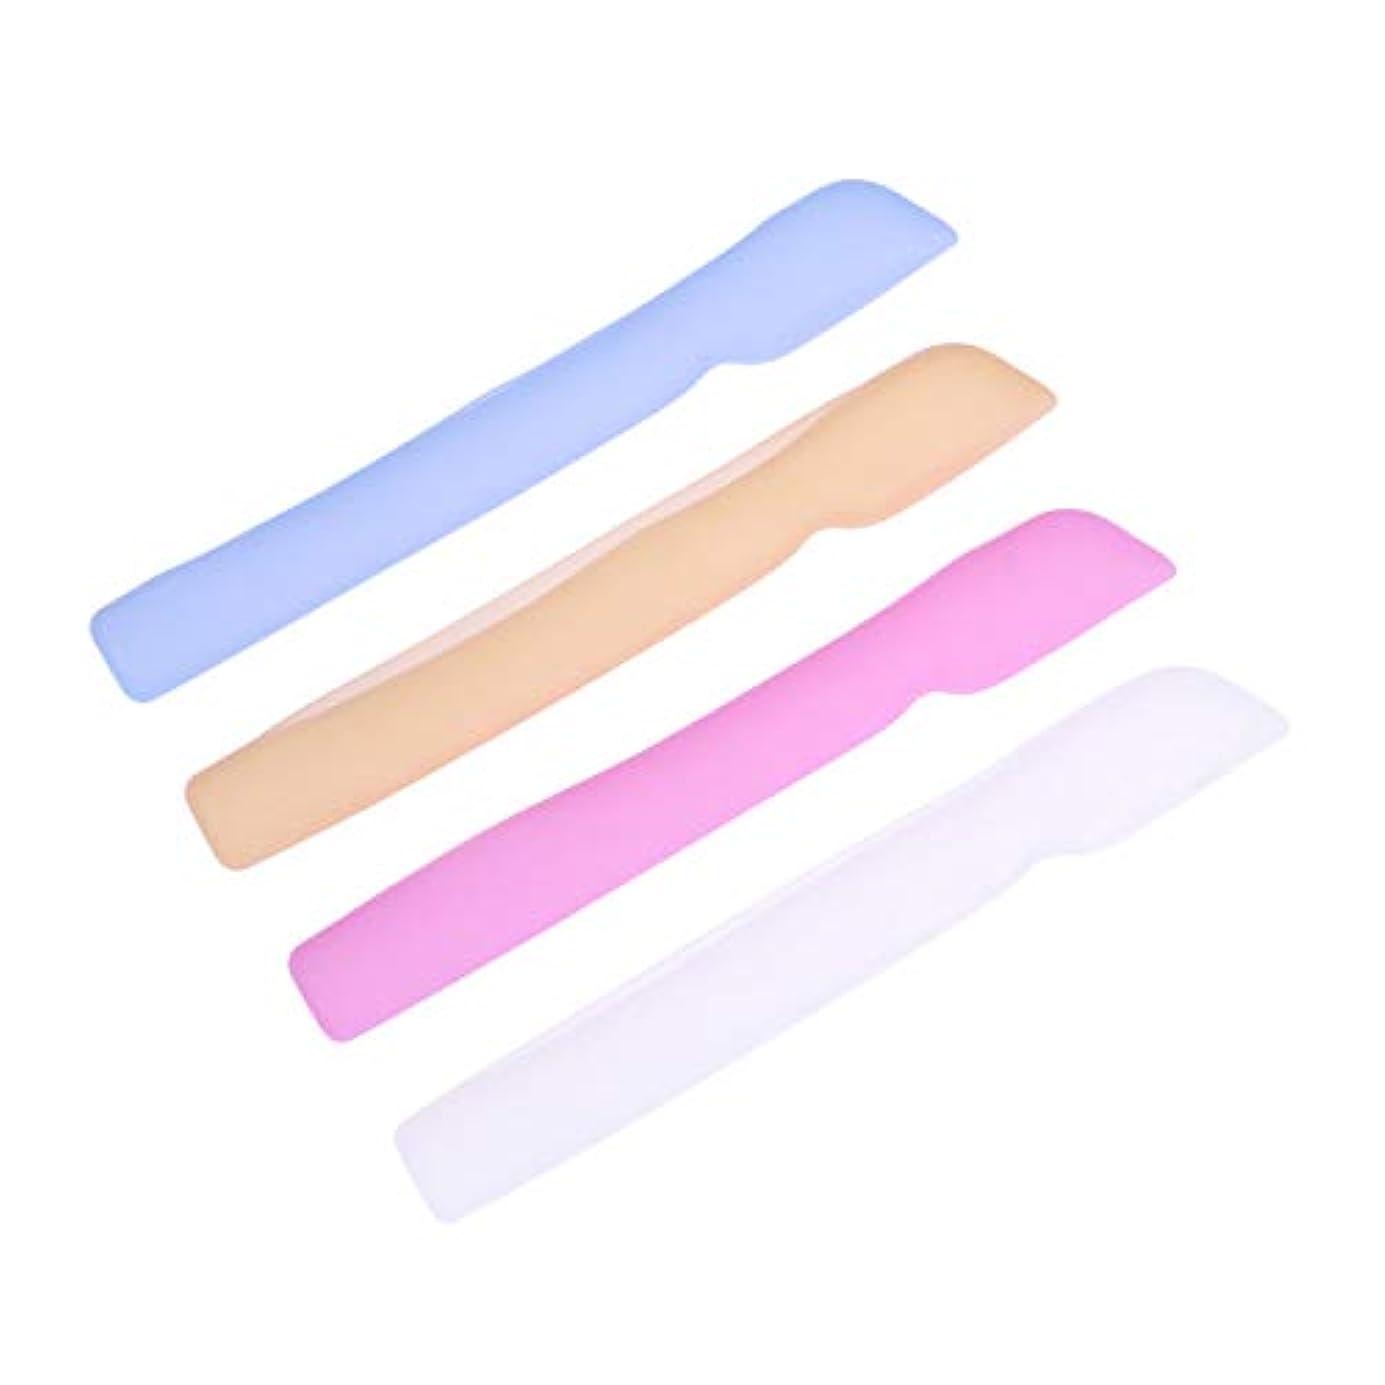 ホールドオールトリクルスクラップブックHEALLILYシリコン歯ブラシケースカバー歯ブラシ用保護カバー保護ケース用4本(ブルー+ピンク+ライトイエロー+ホワイト)